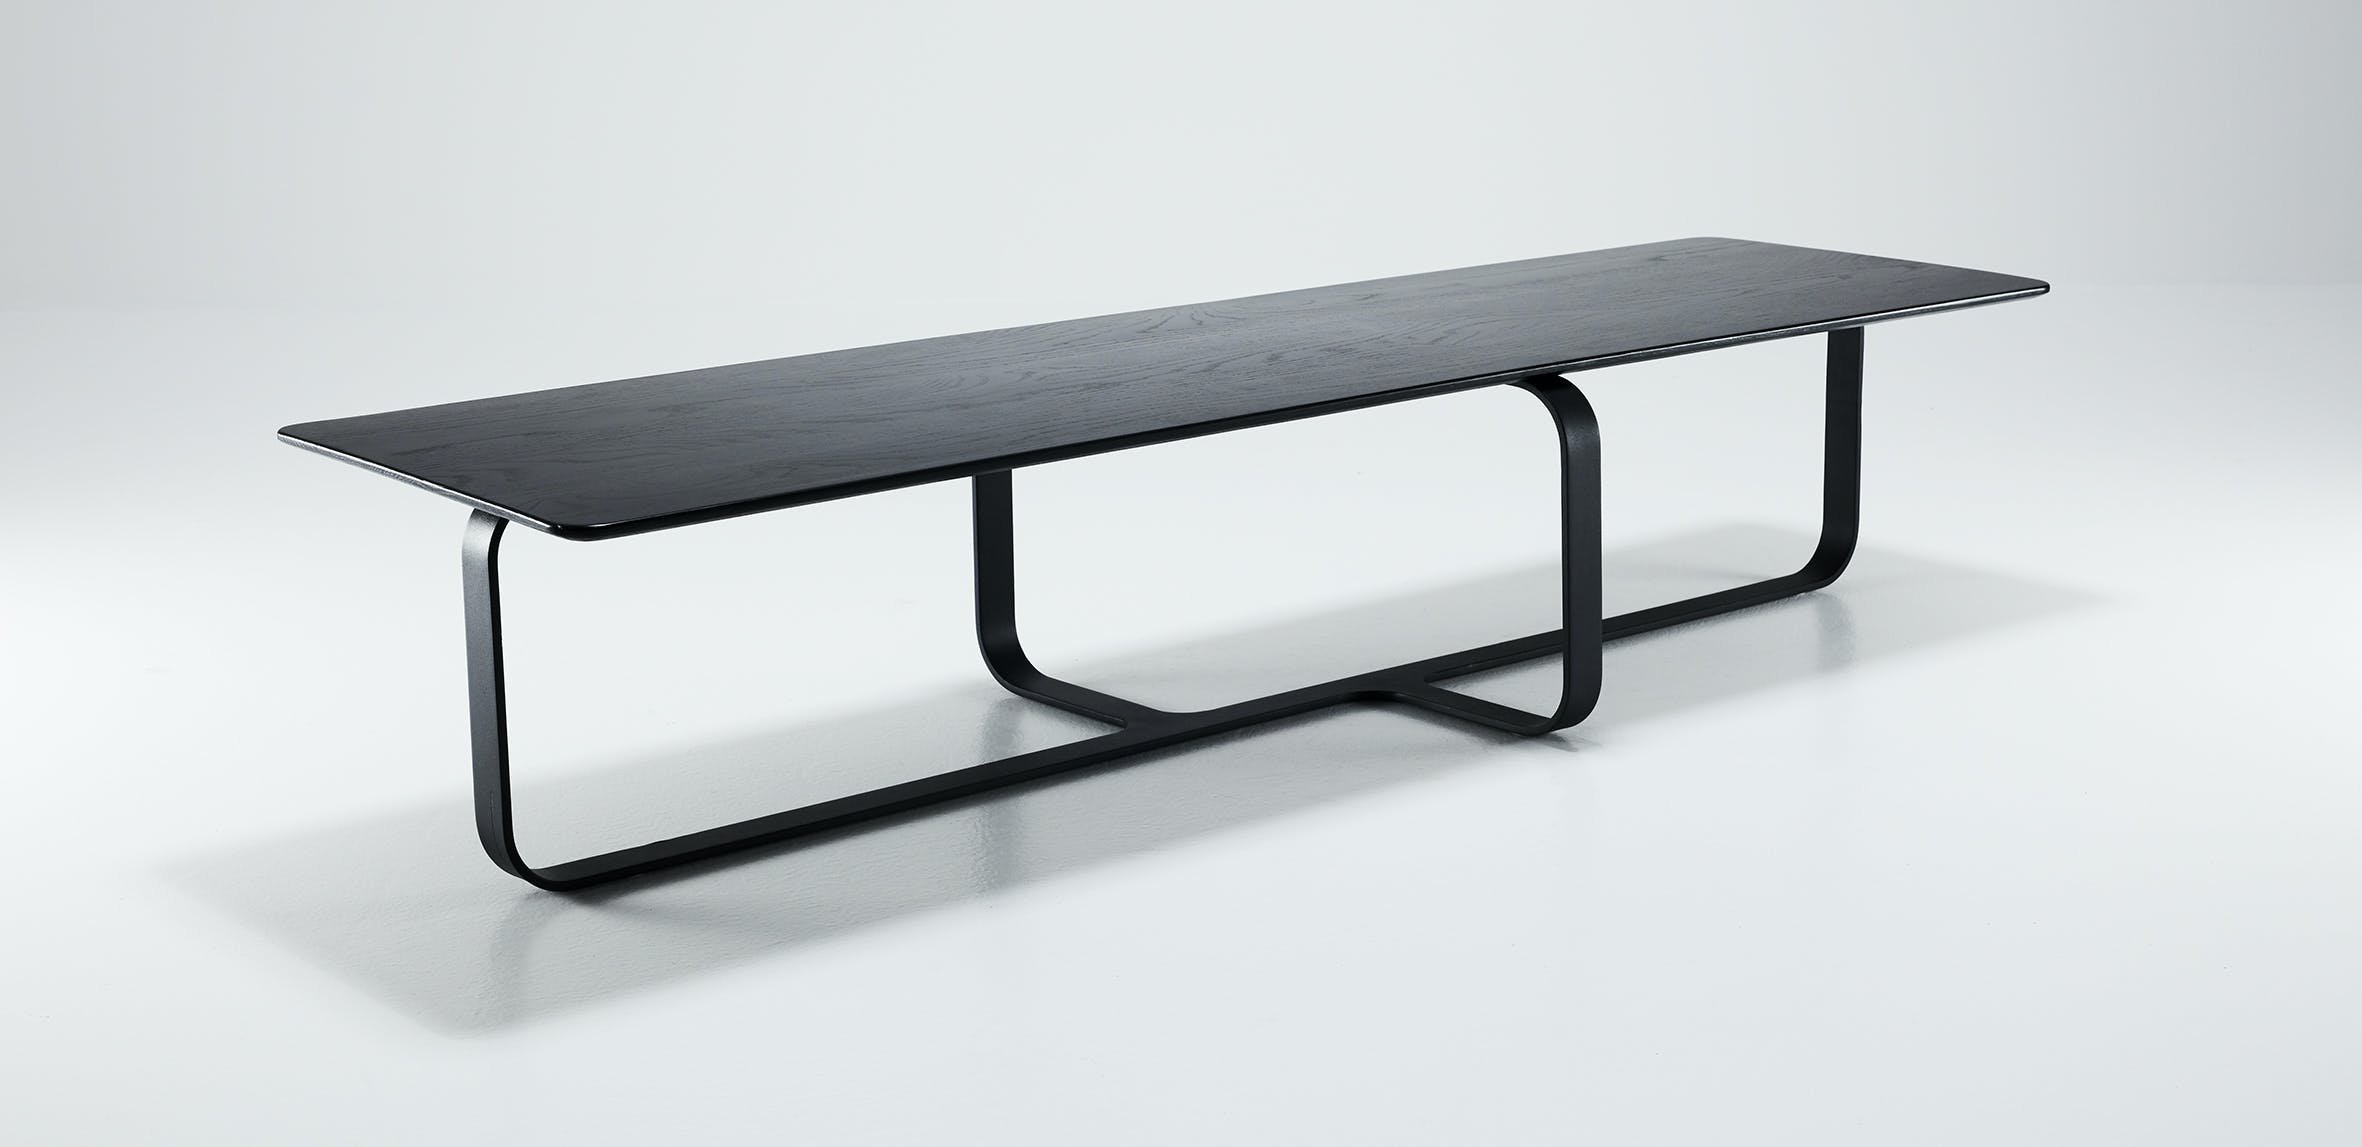 Wendelbo-long-root-table-haute-living